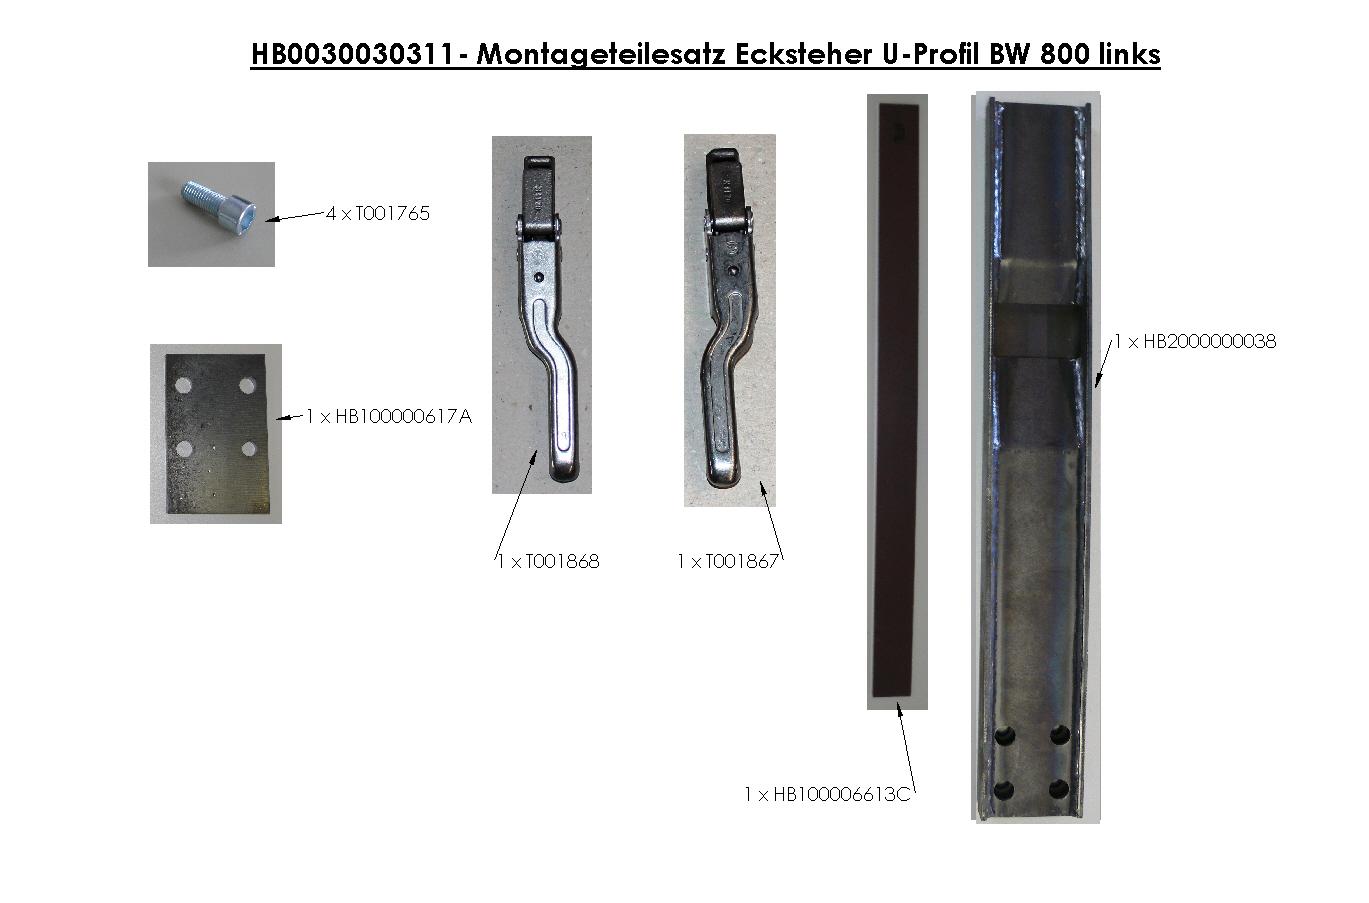 Brantner Kipper und Anhänger - Montageteilesatz Ecksteher U-Profil BW 800 links